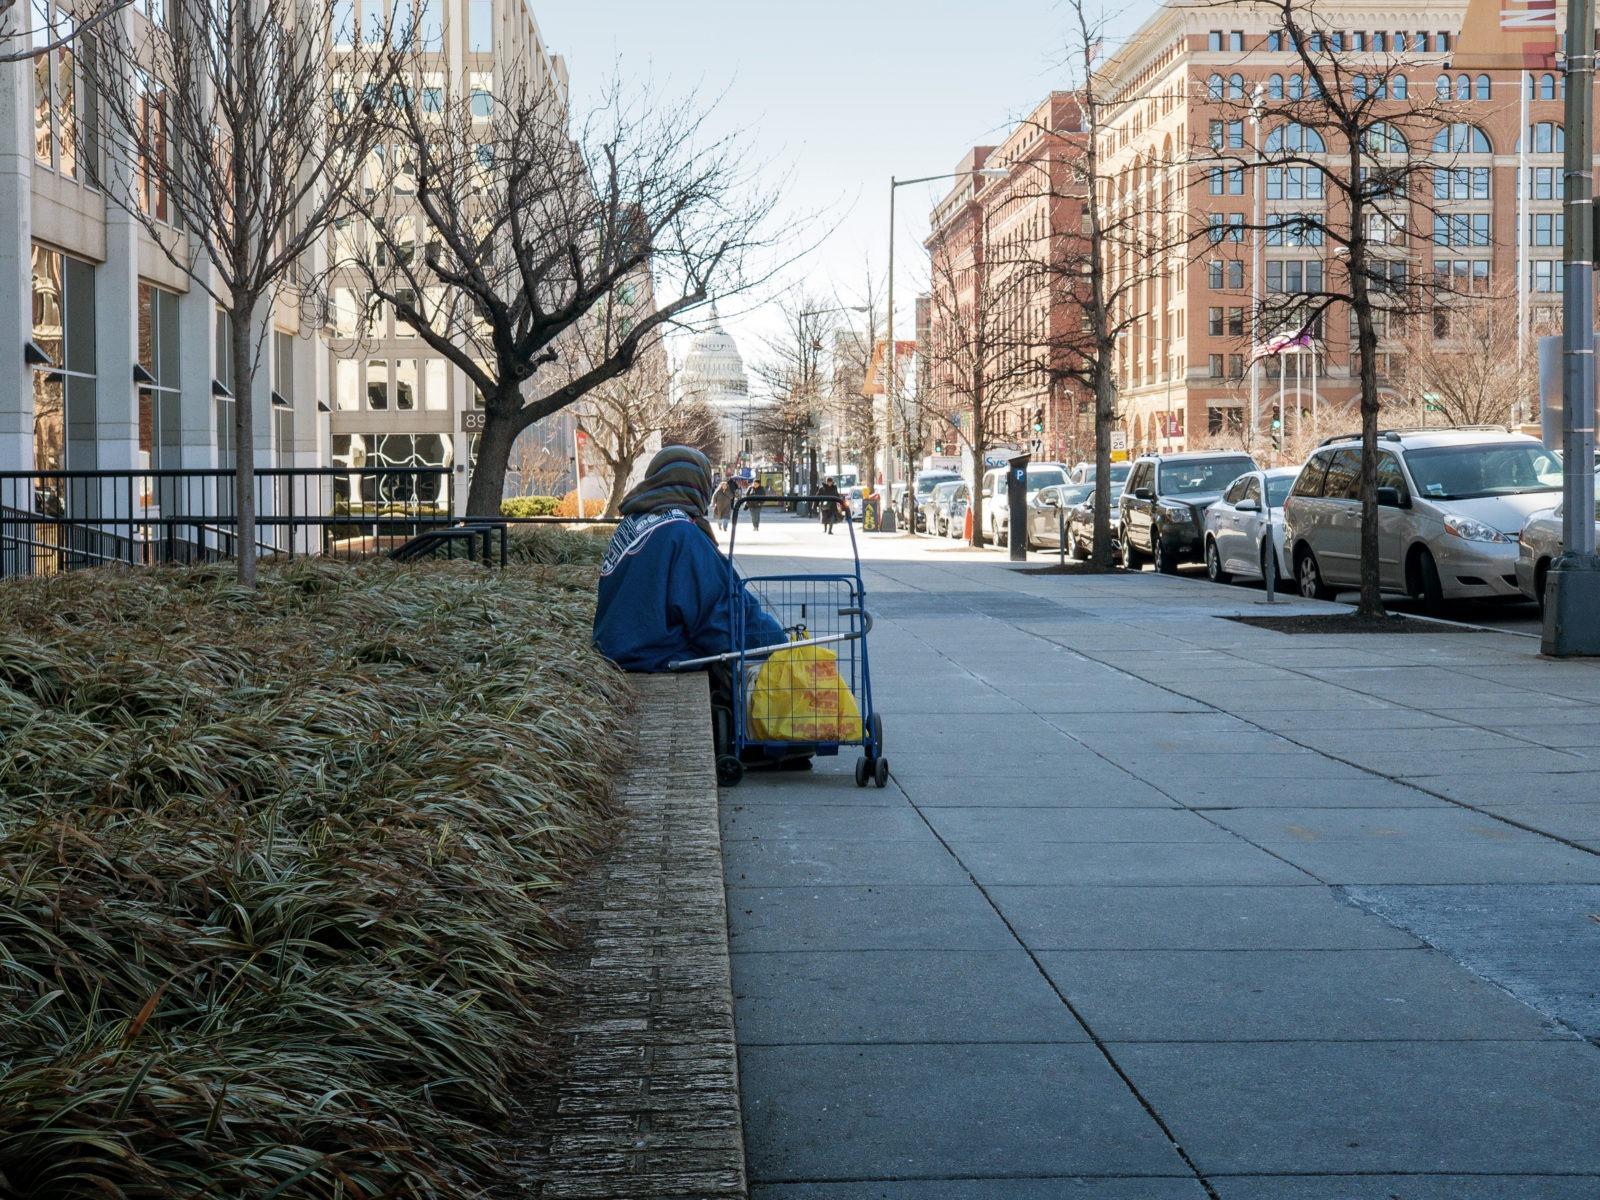 Man sitting on a public street